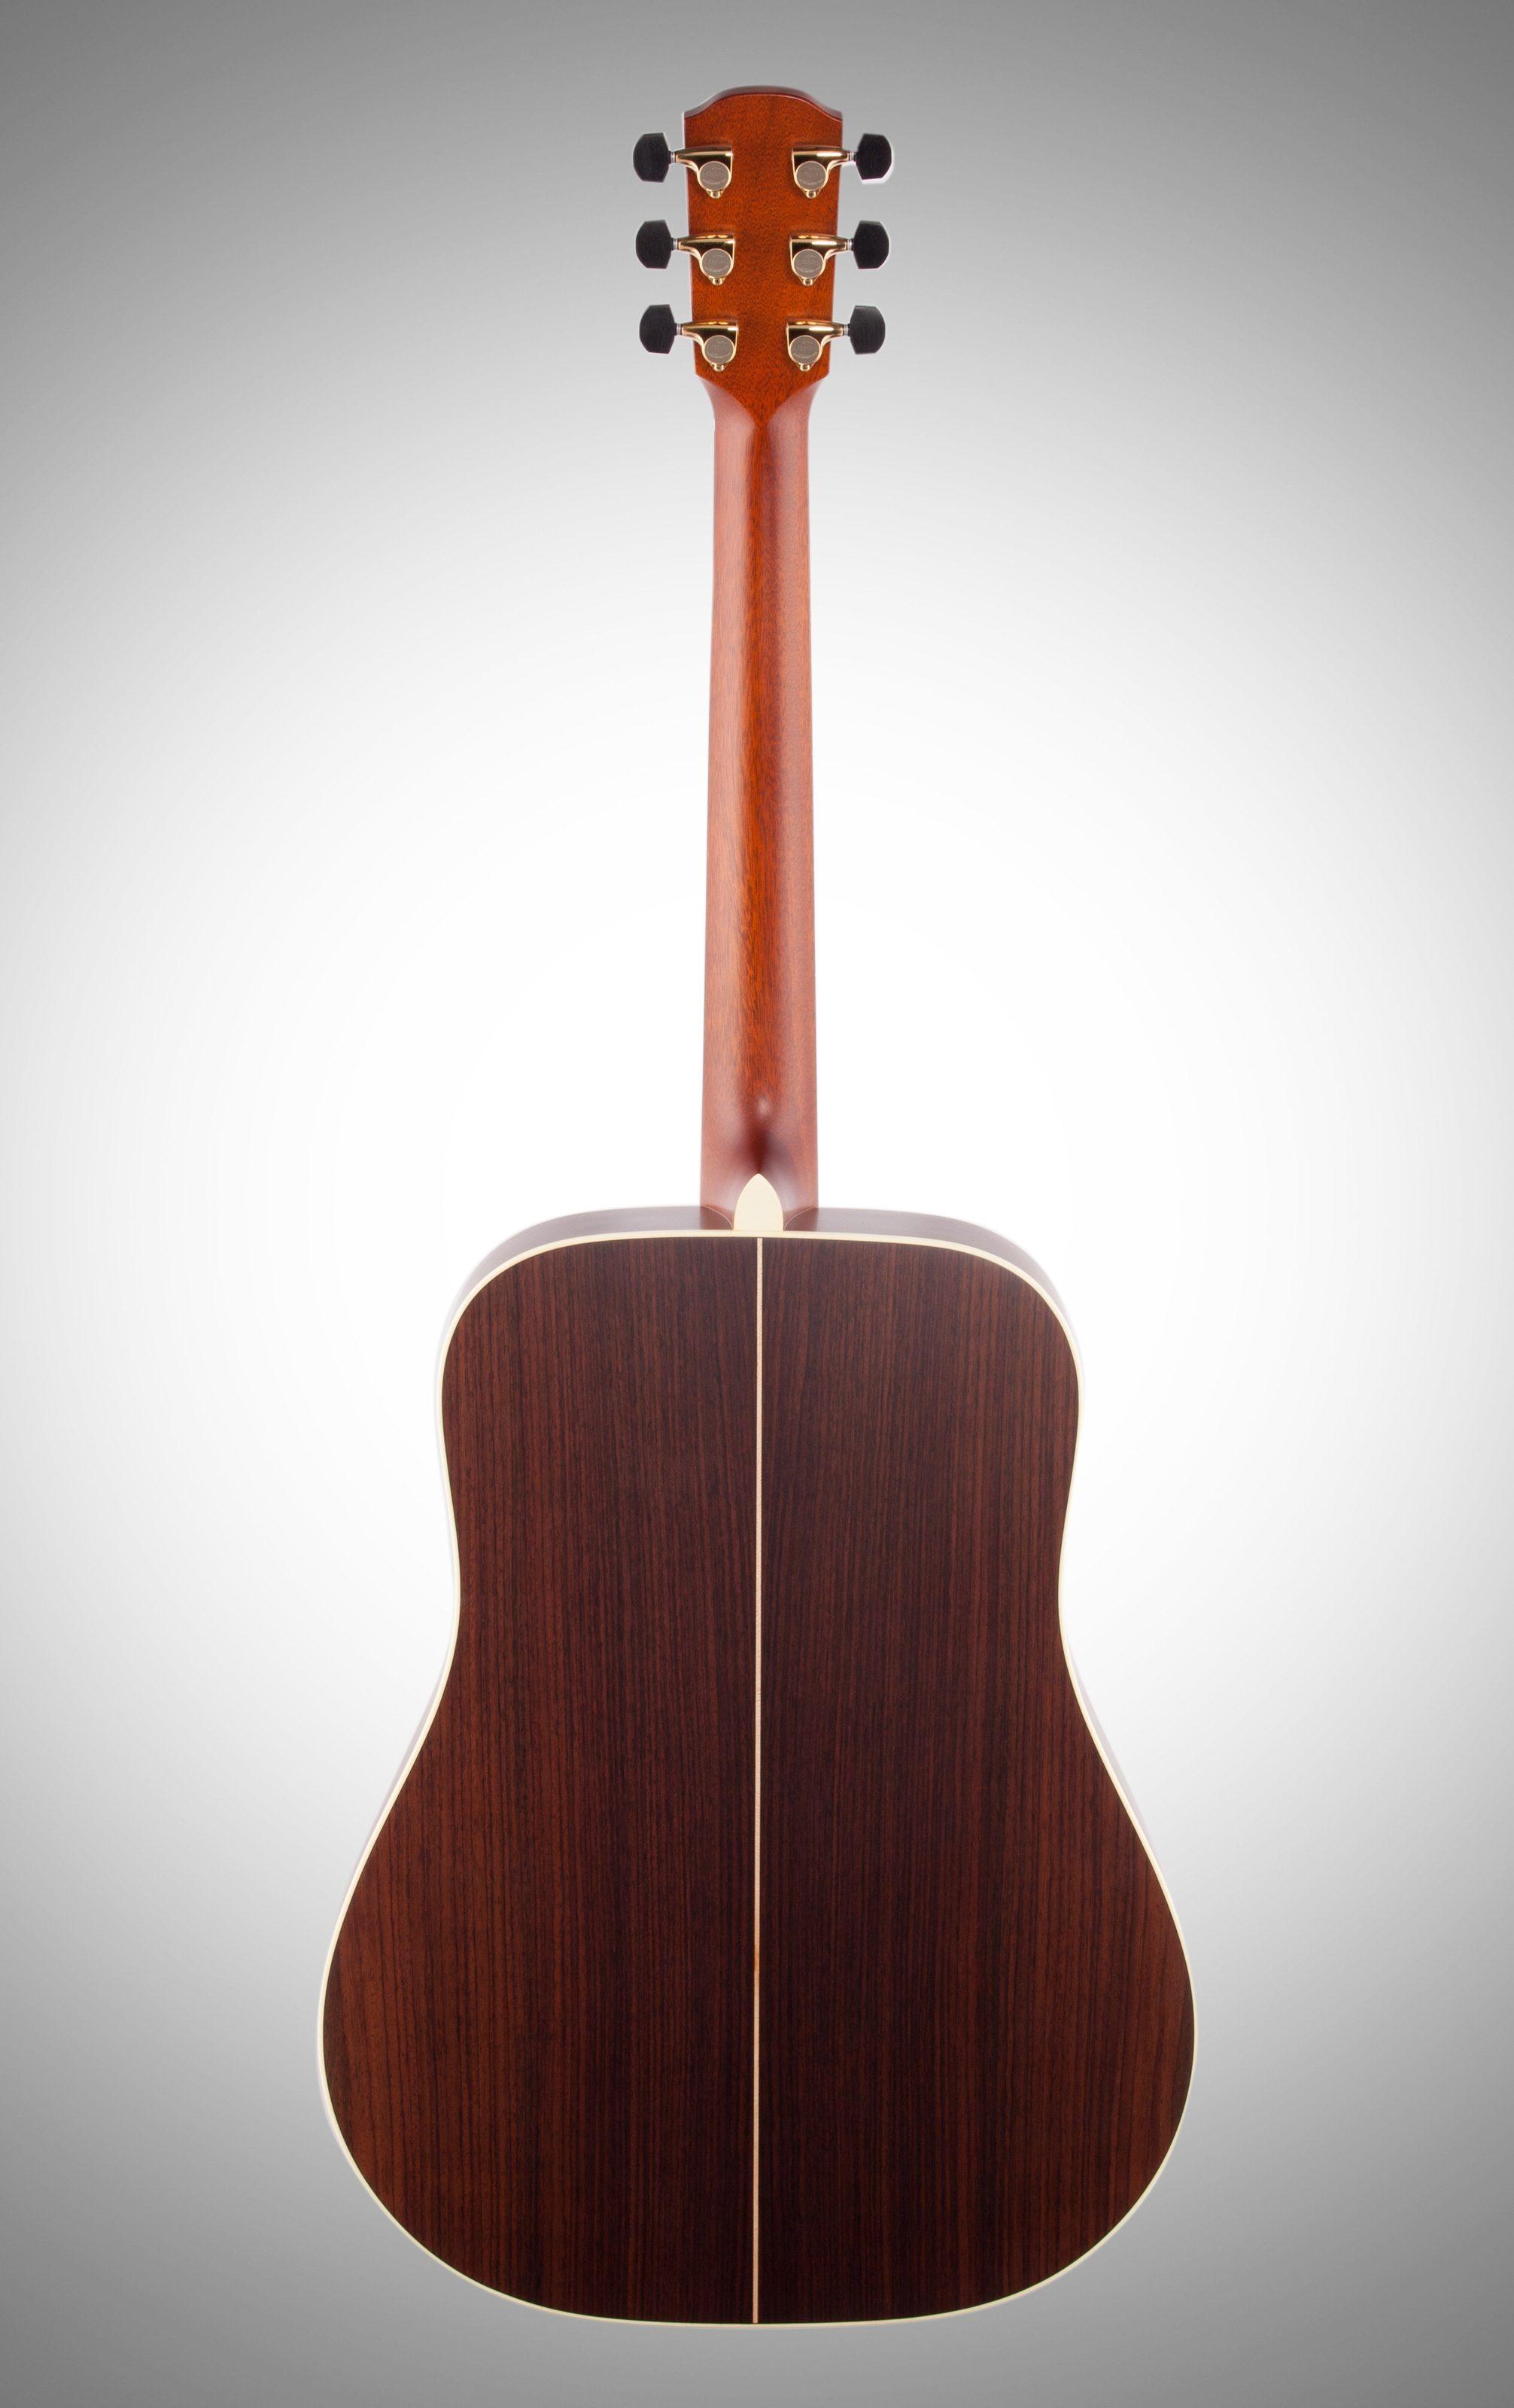 Alvarez Yairi DYM75 Masterworks Acoustic Guitar ZZounds